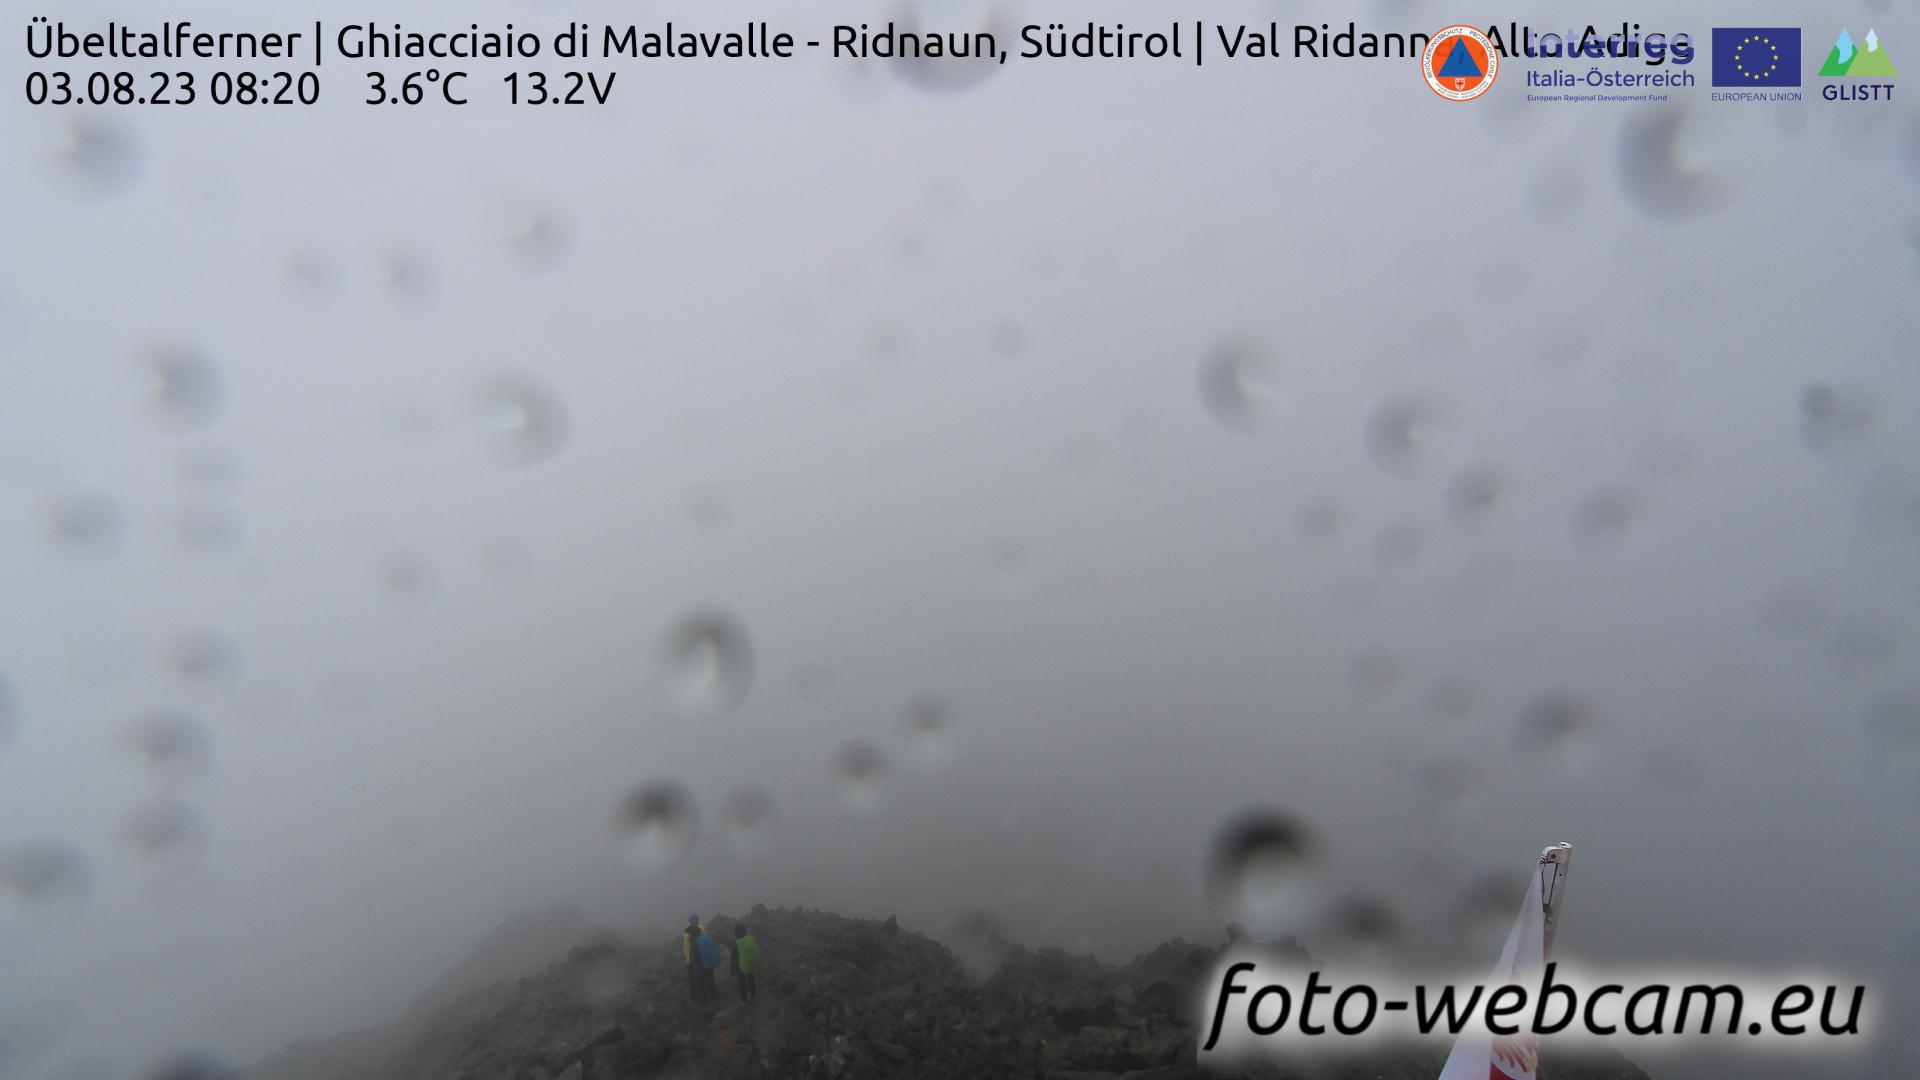 Val Ridanna Sab. 08:28